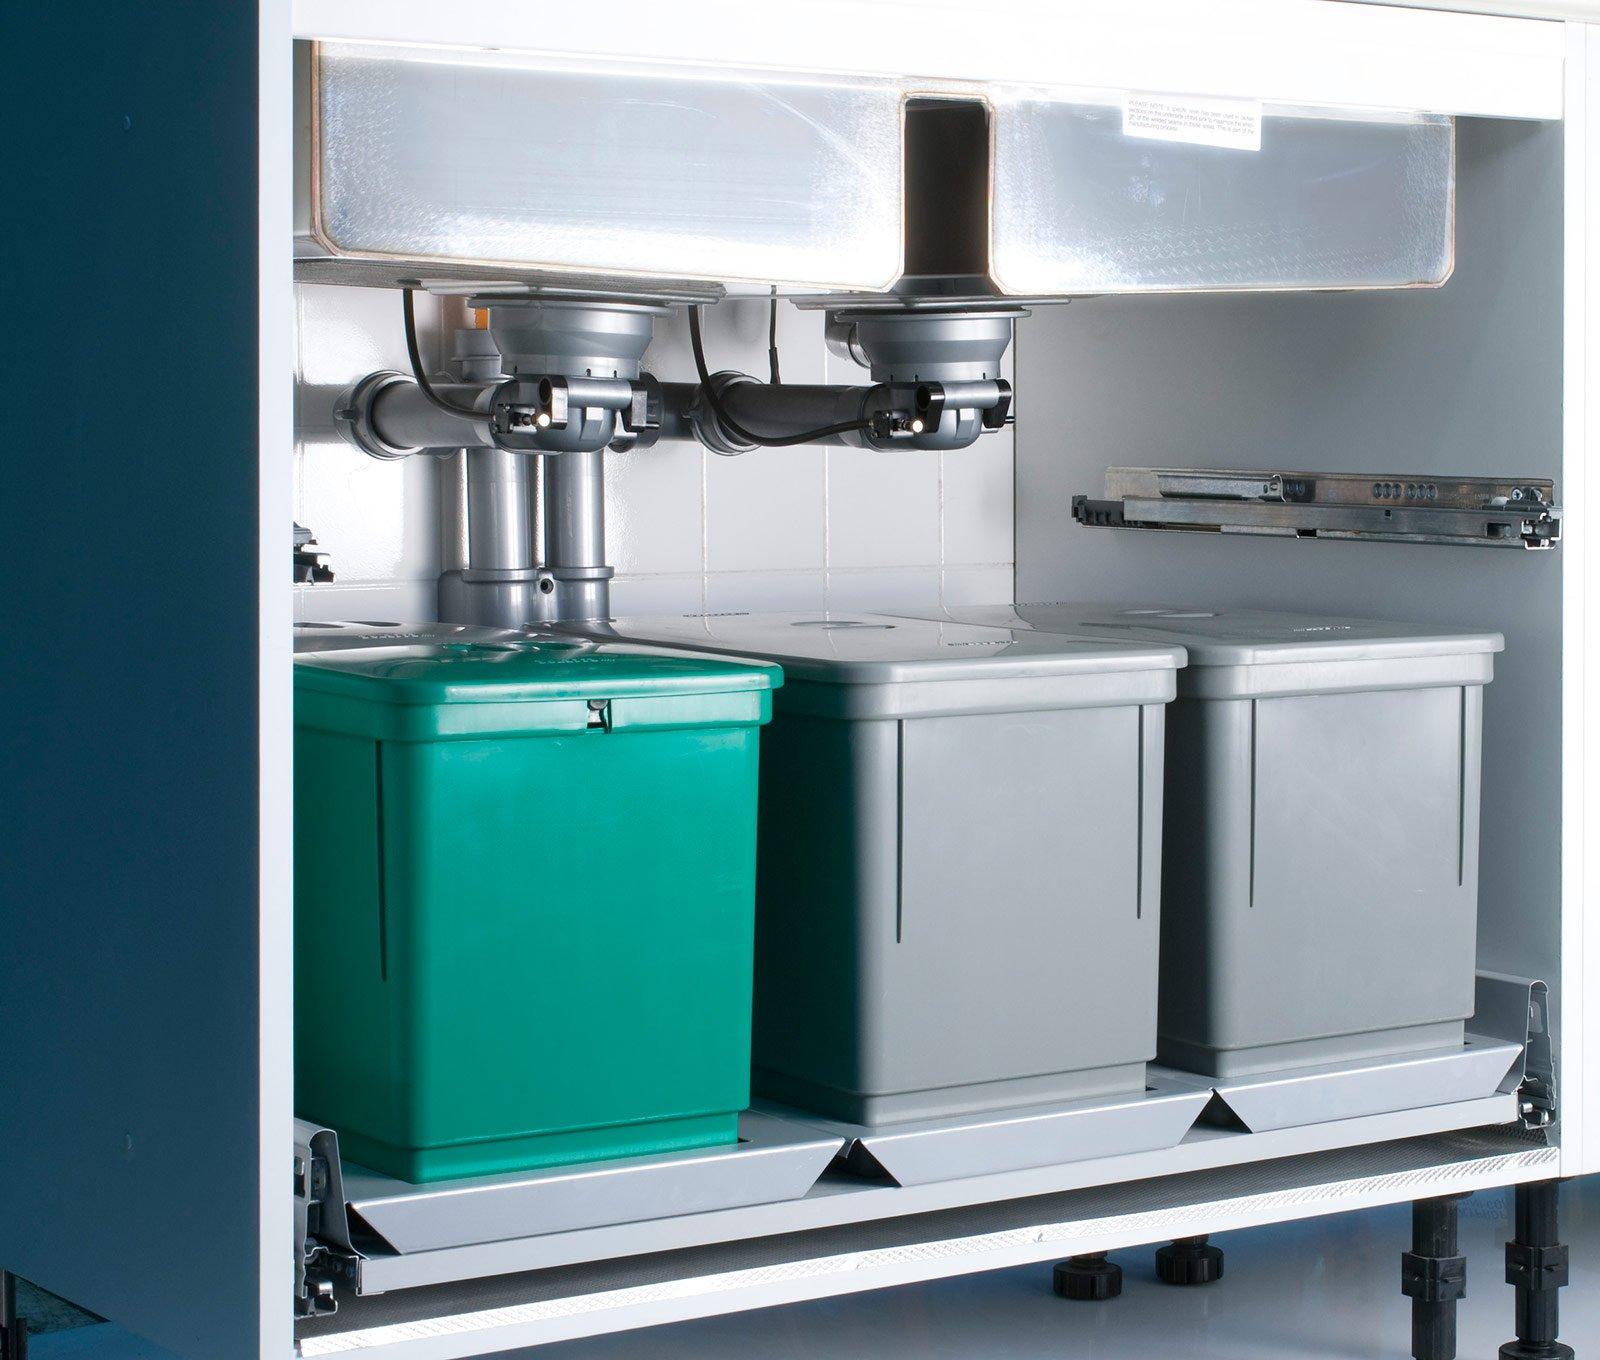 Pi spazio sotto il lavello in cucina cose di casa - Sifone lavandino cucina ...